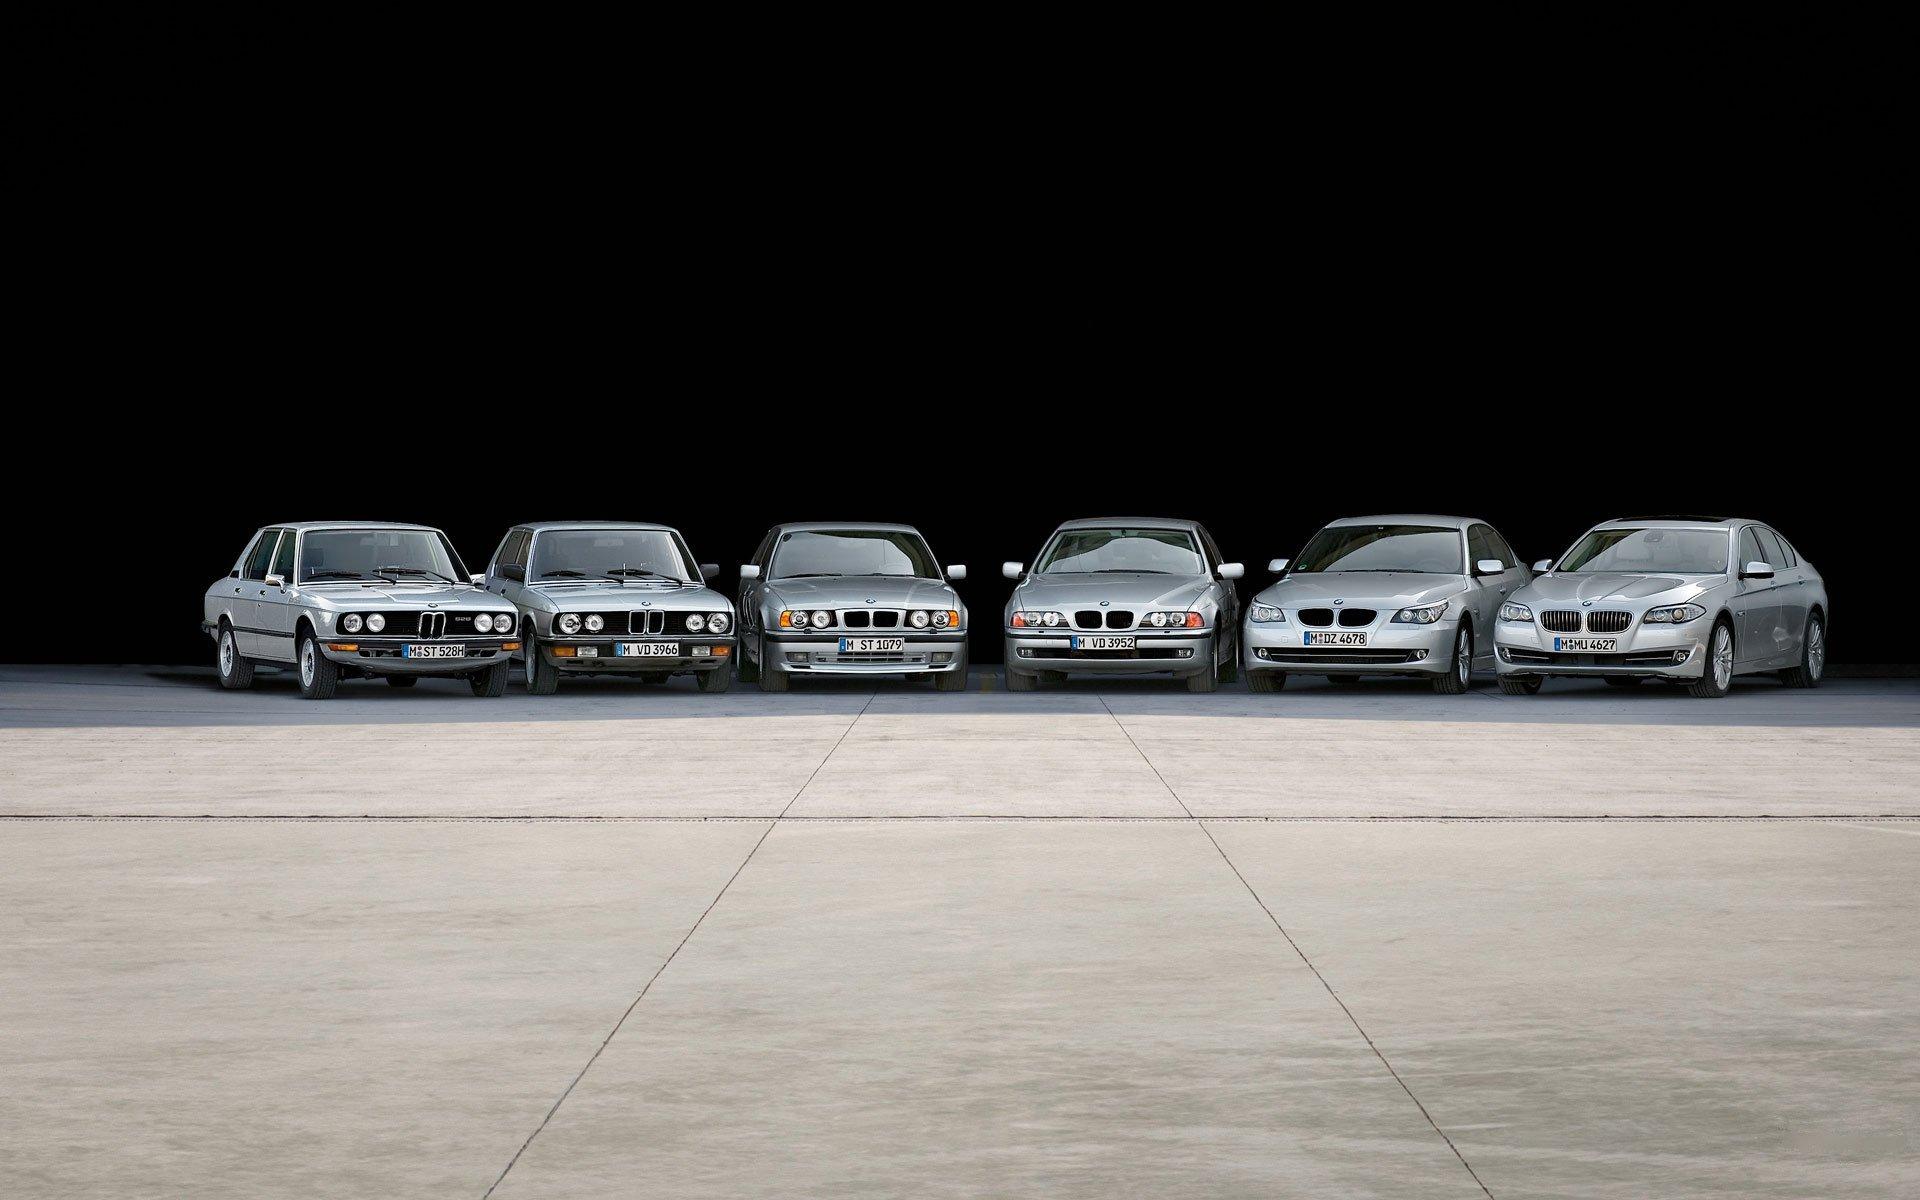 шторы эволюция автомобилей фото особенно